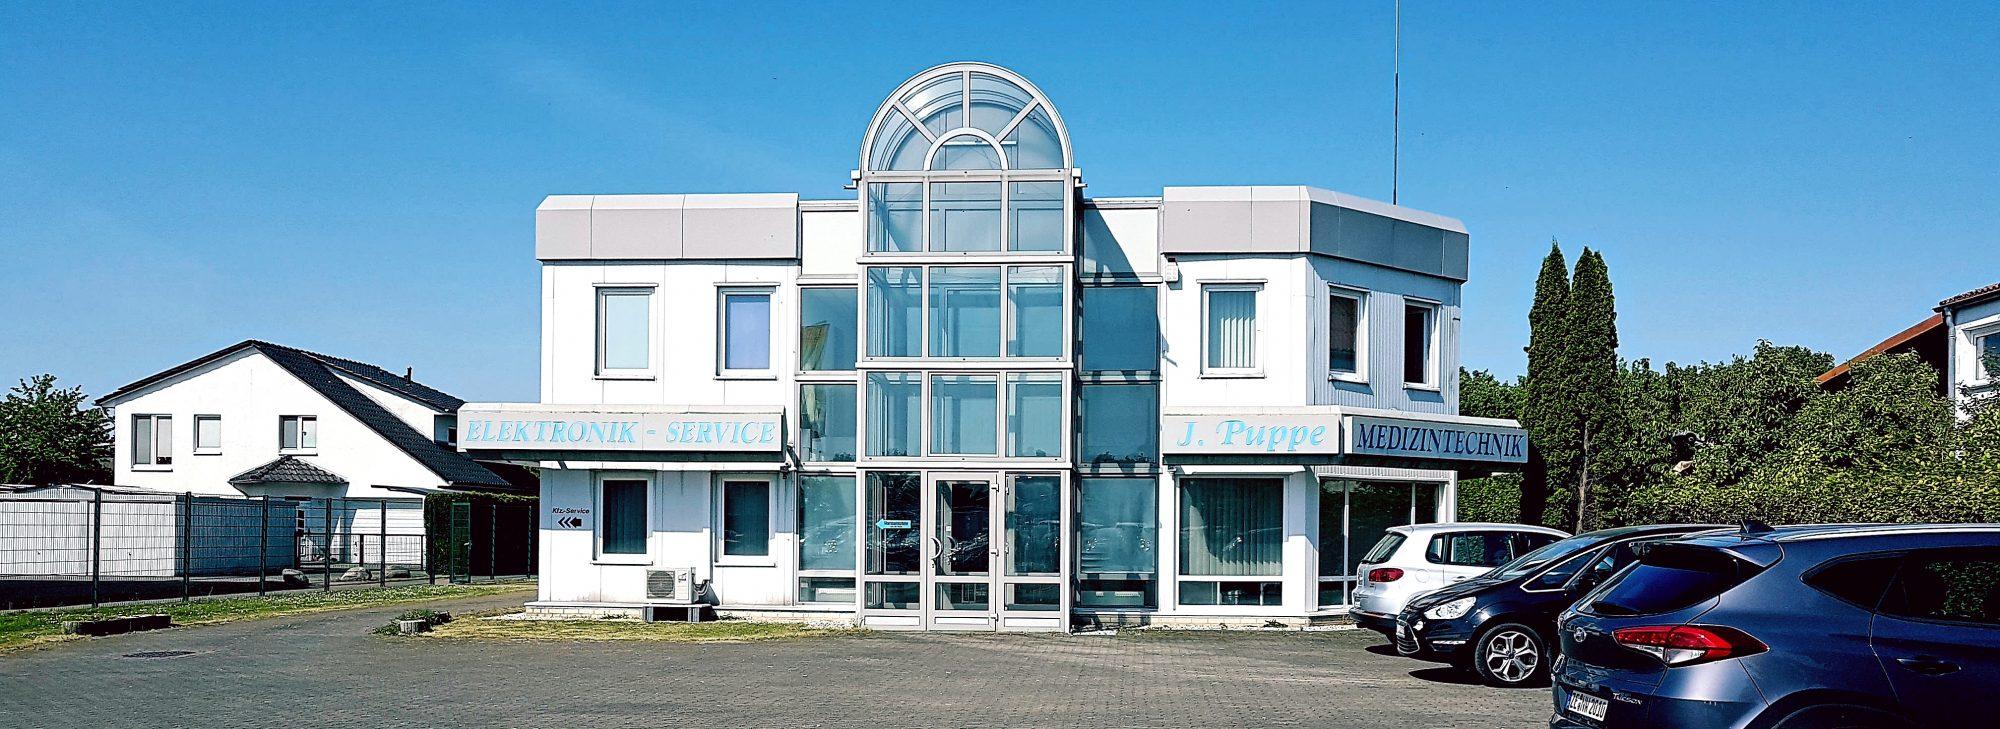 Jürgen Puppe GmbH Medizintechnik & Sanitätshaus